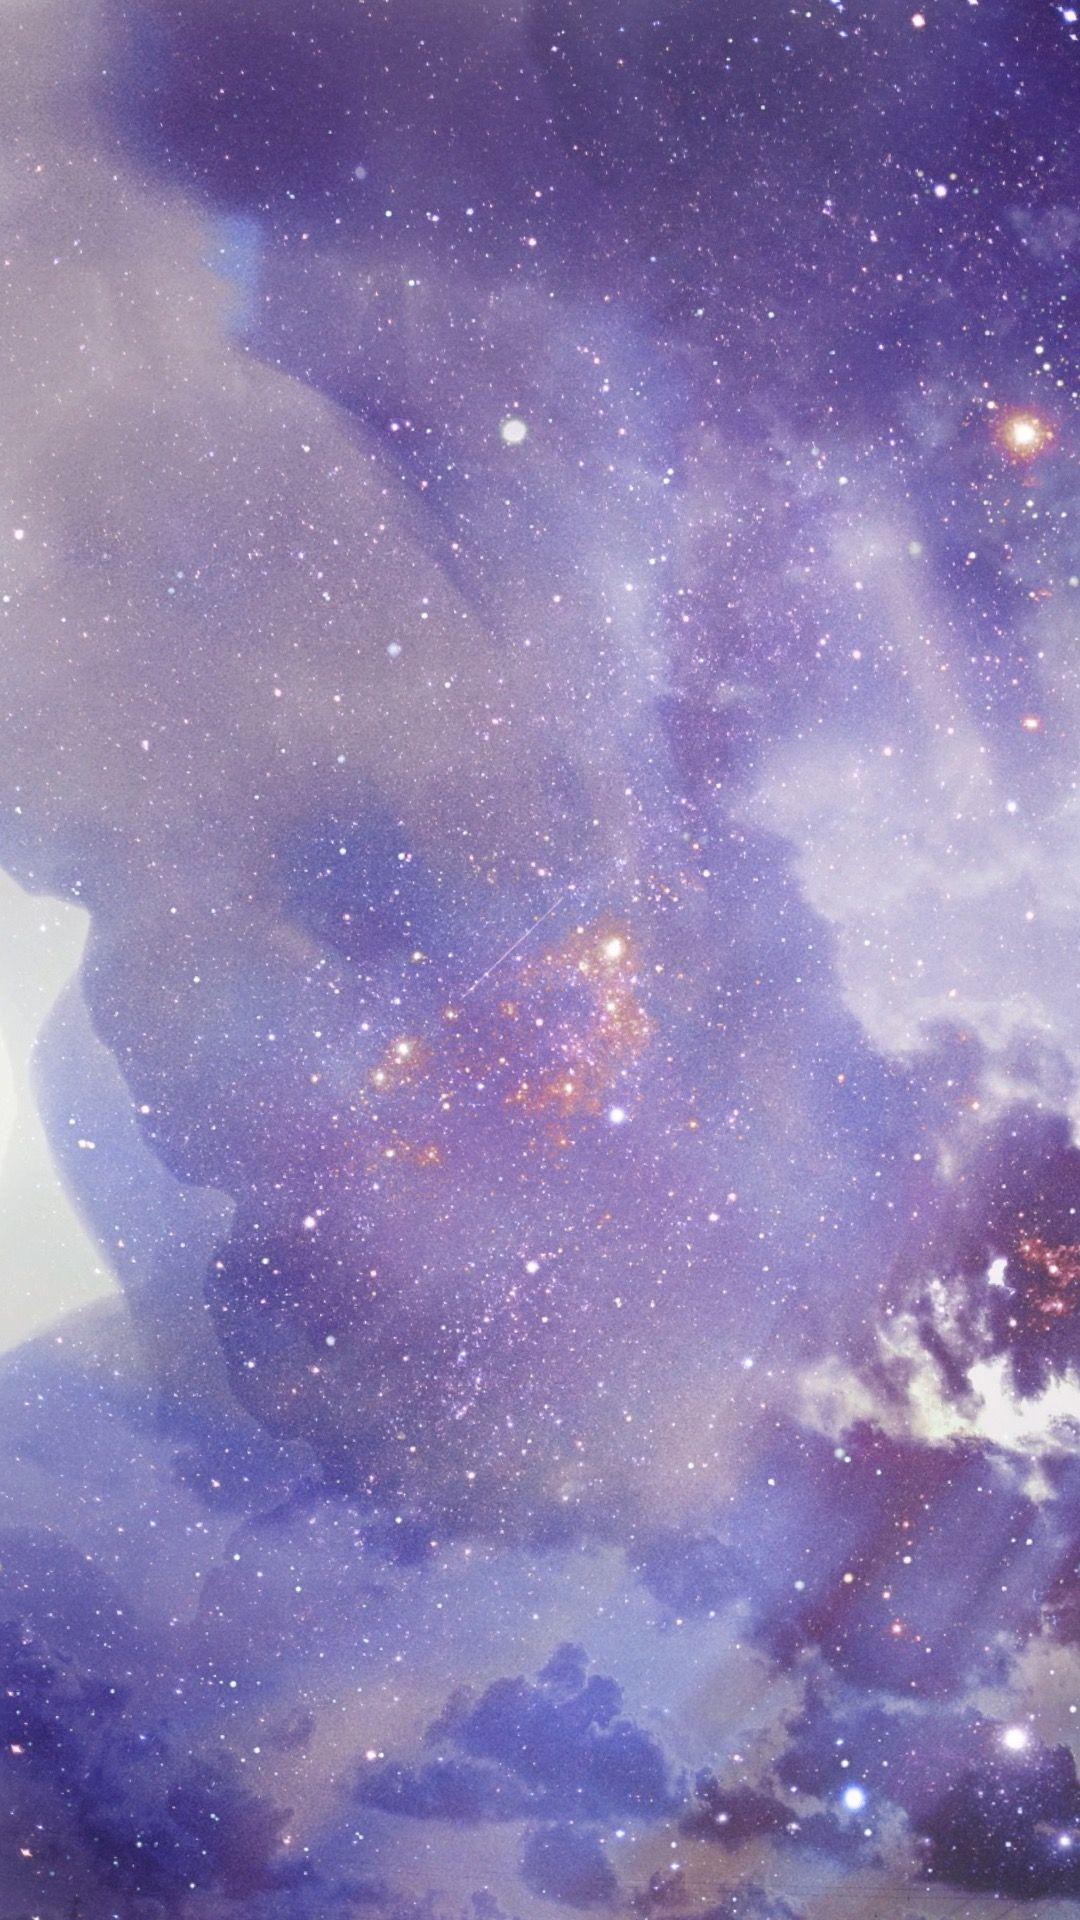 Aesthetic Purple Wallpaper Pinterest - Images | Slike